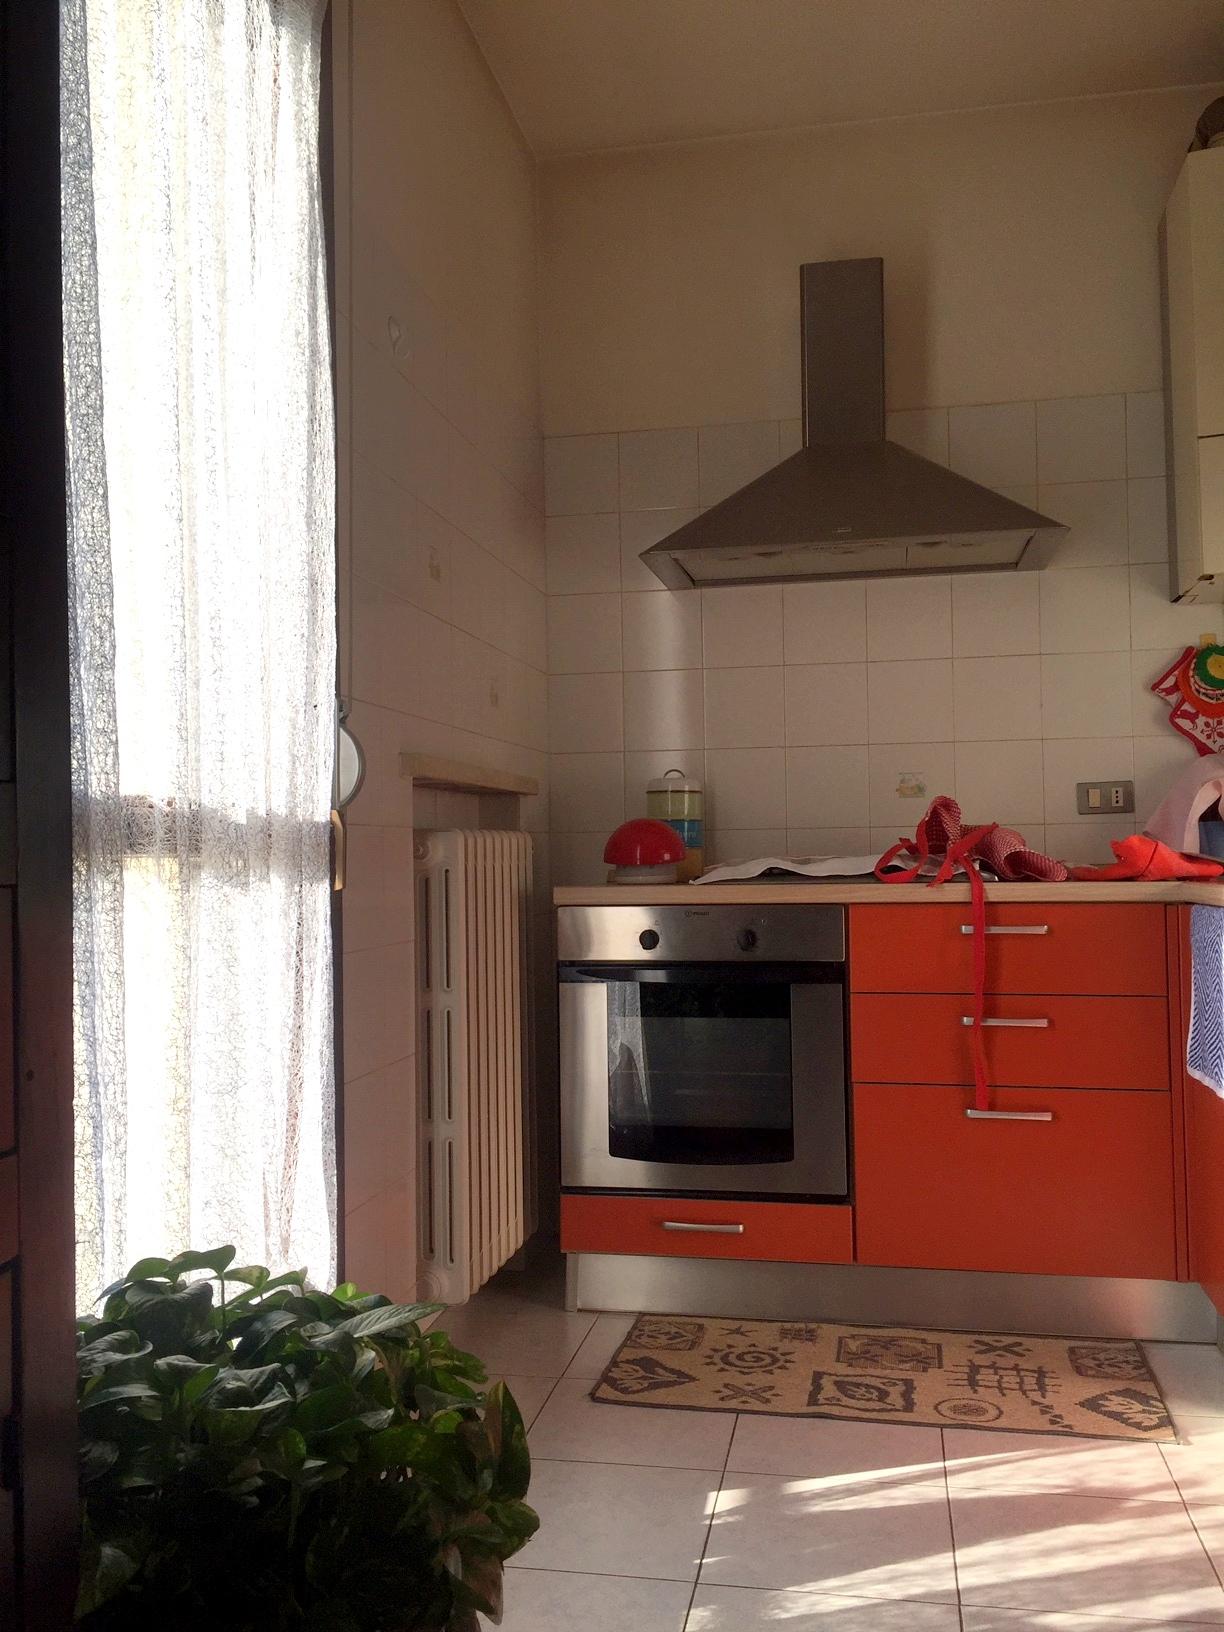 Appartamento in vendita a Porto Mantovano, 4 locali, zona ole, prezzo € 75.000 | PortaleAgenzieImmobiliari.it